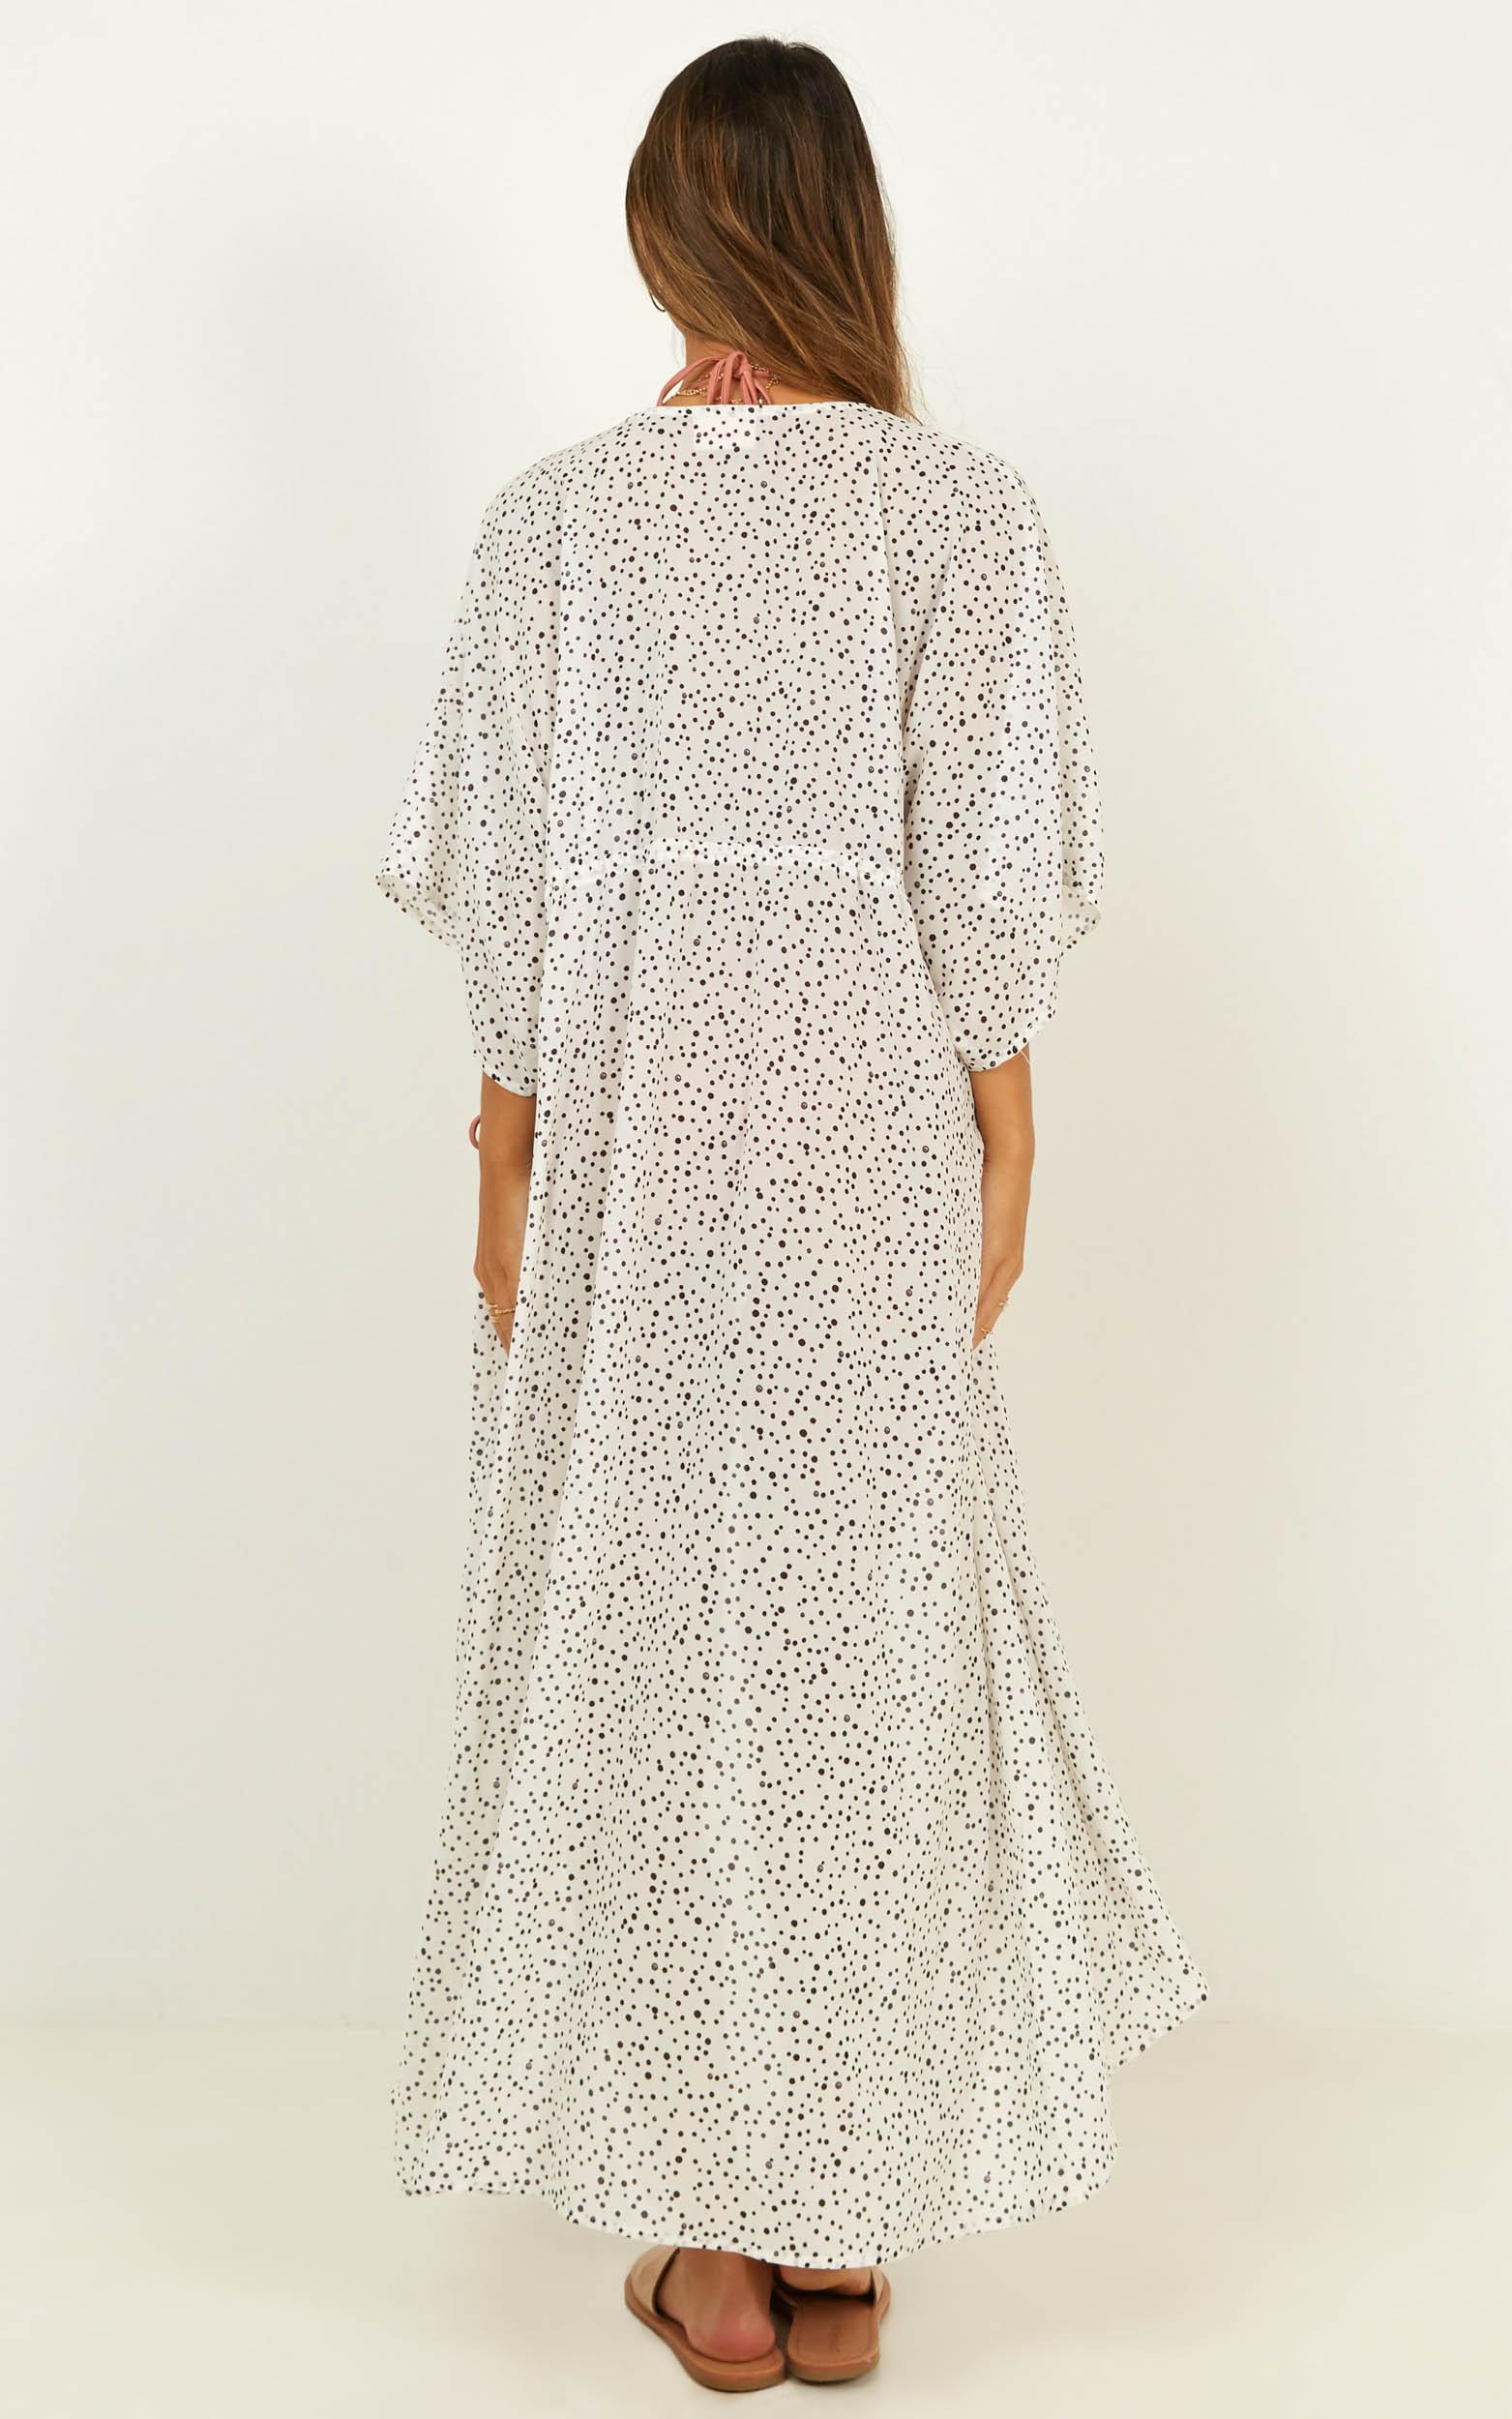 Time to move kimono in white spot - 20 (XXXXL), White, hi-res image number null